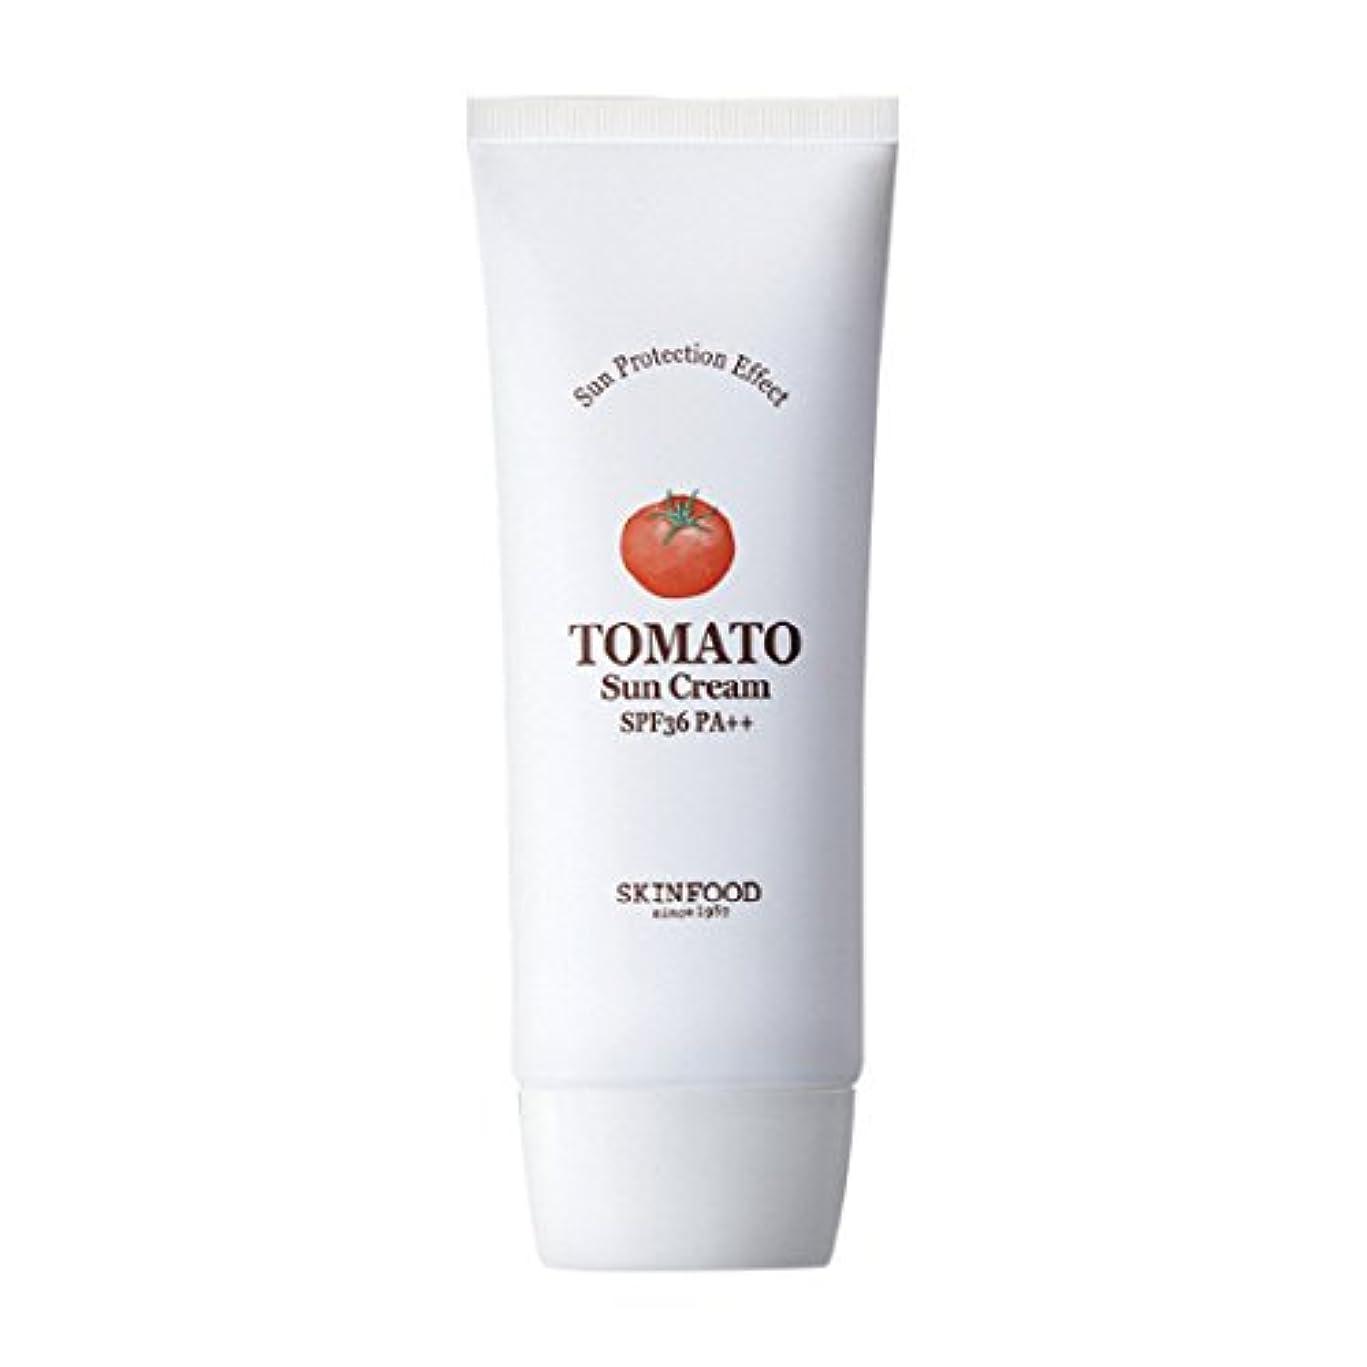 居眠りする里親幻想Skinfood トマトサンクリームSPF 36 PA ++(UVプロテクション) / Tomato Sun Cream SPF 36 PA++ (UV Protection) 50ml [並行輸入品]